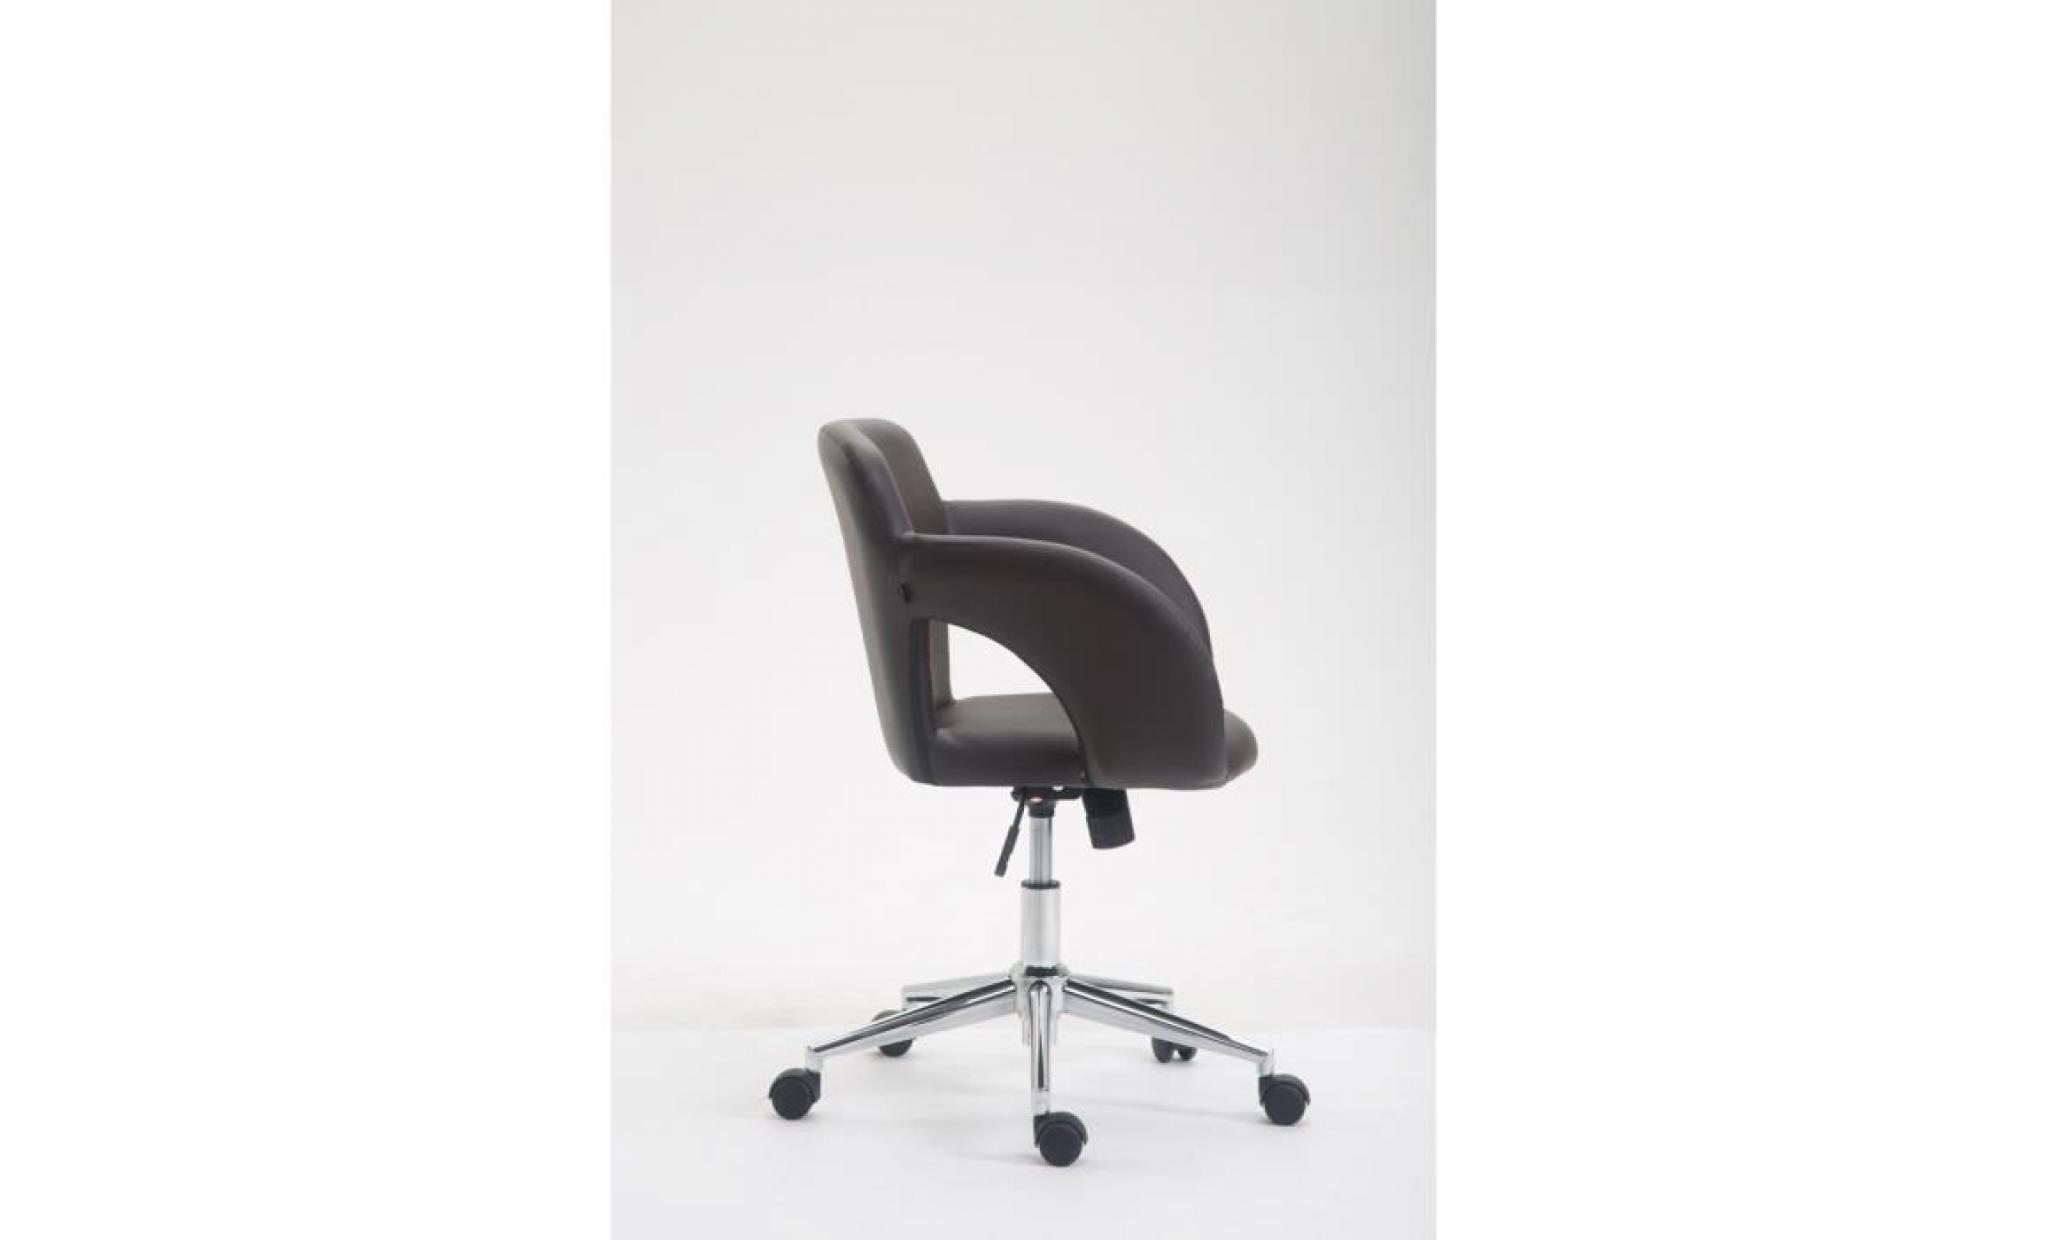 Chaise Bureau Accoudoir Livingroomhk Co